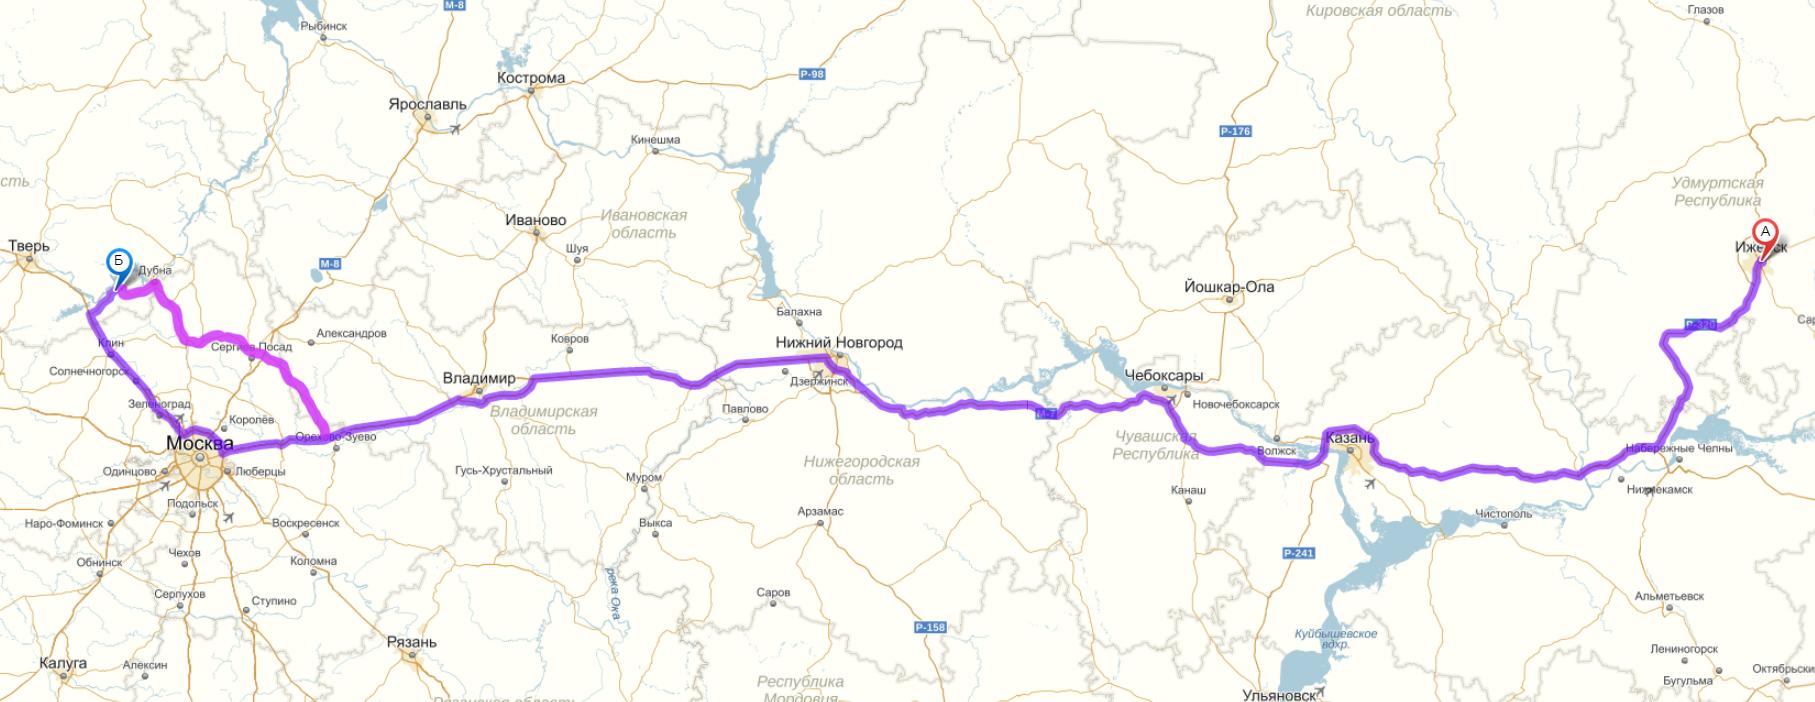 маршрут-карта